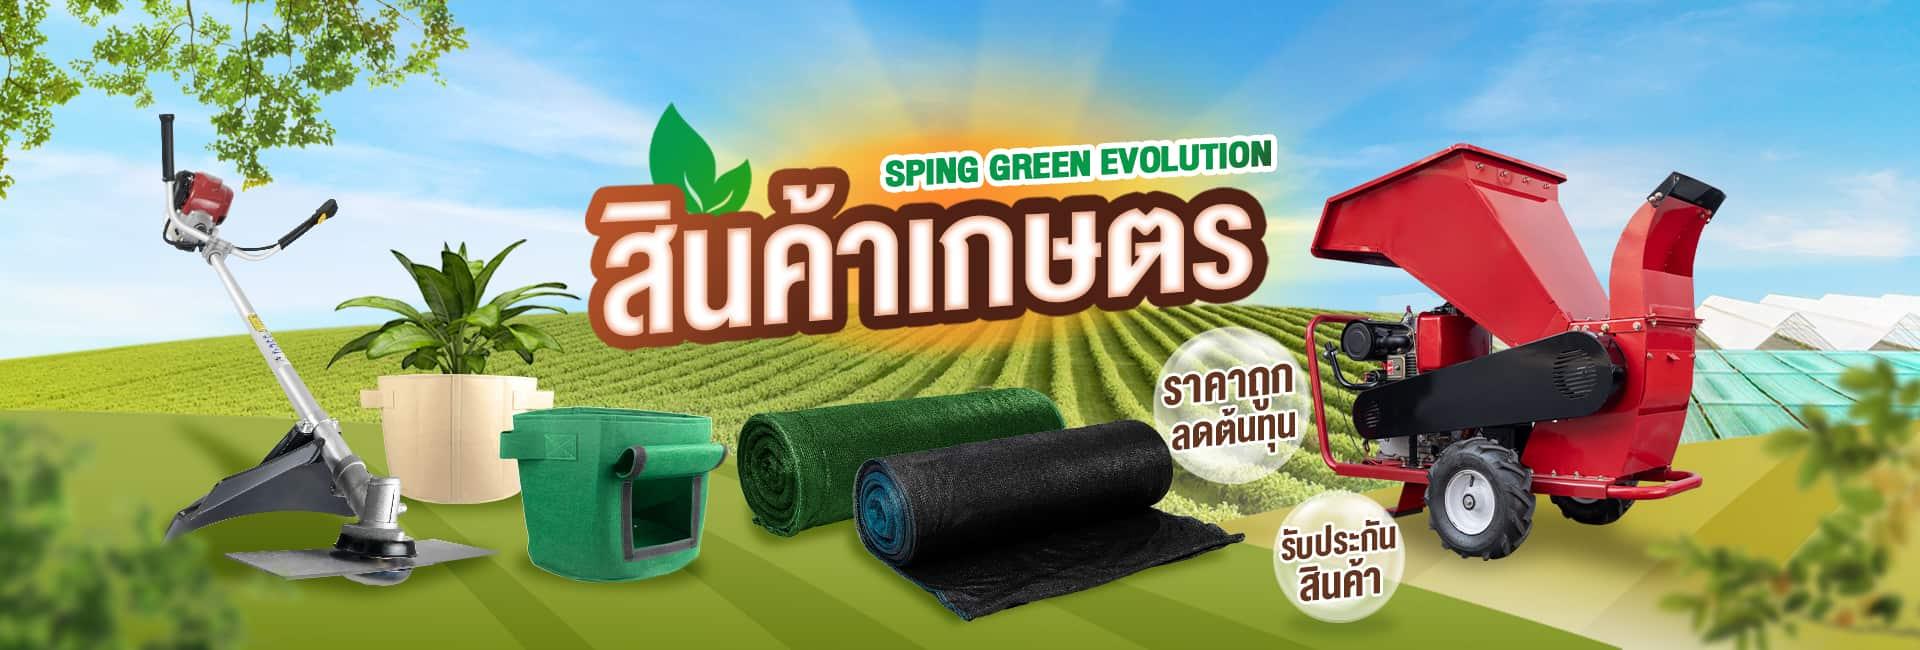 หมวดการเกษตร- banner1